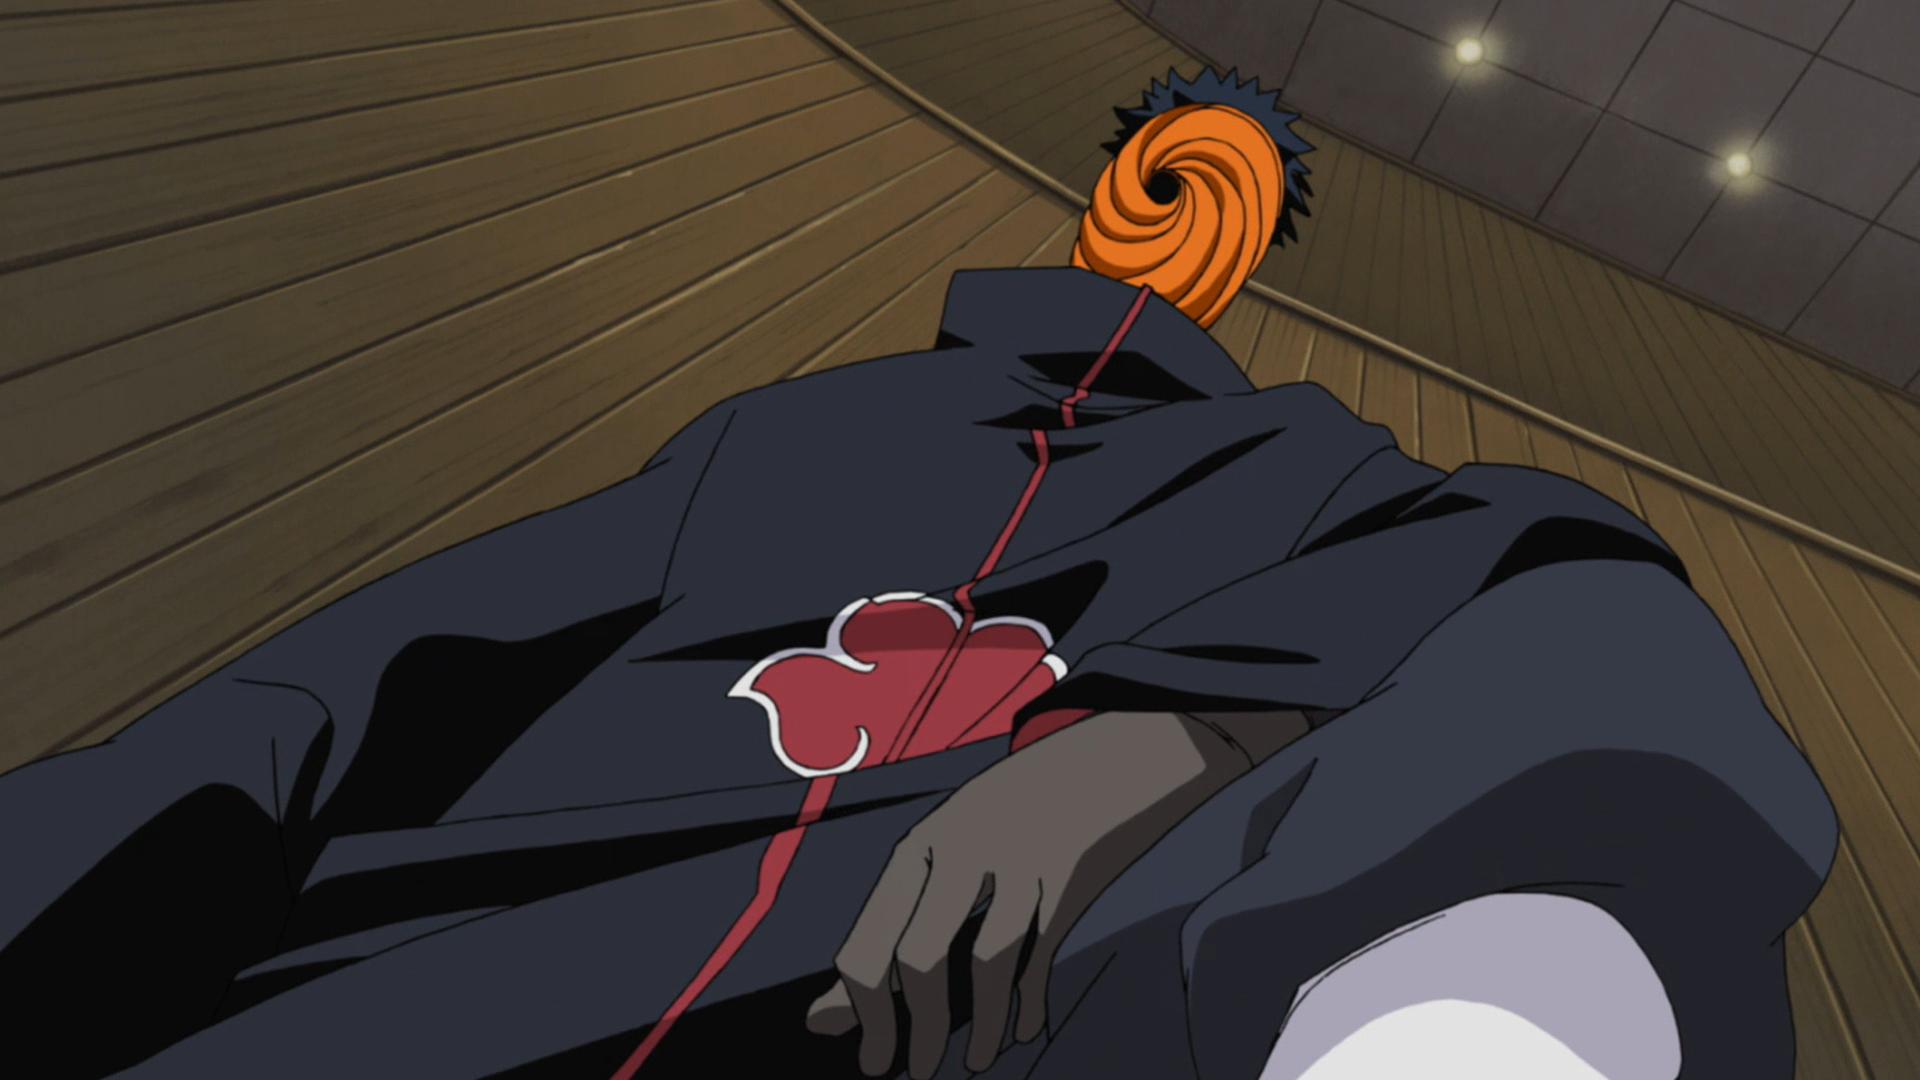 Déclaration de guerre (épisode Naruto)